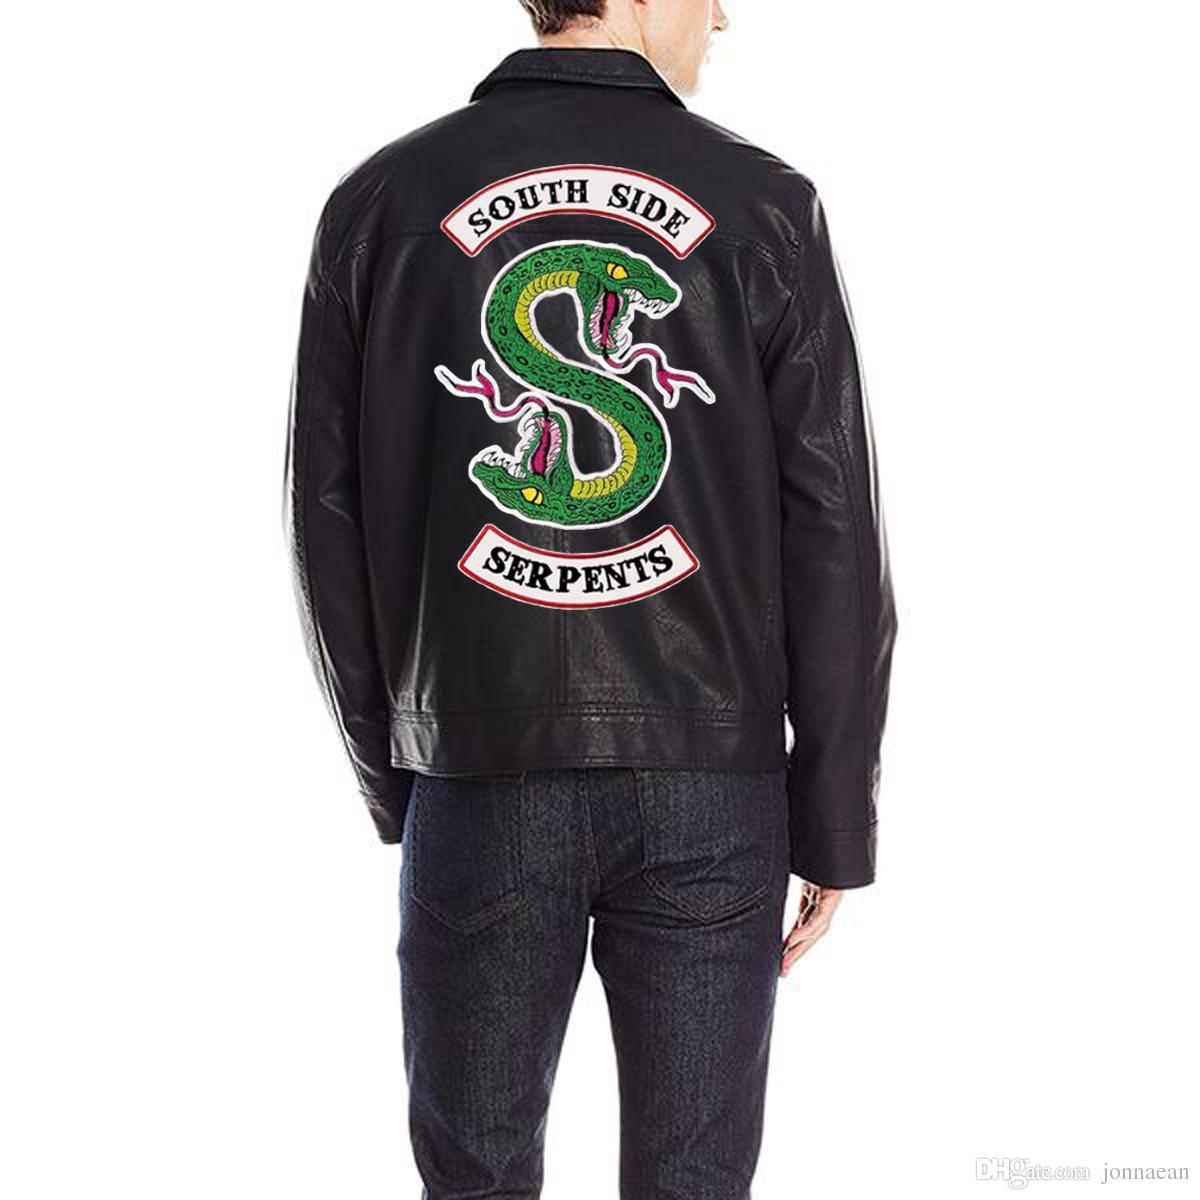 Riverdale SouthSide Patch posteriori Ferro ricamato su motocicletta Giacca da motociclista Set gilet Due taglie Distintivo di moda maschile e femminile Design personalizzato